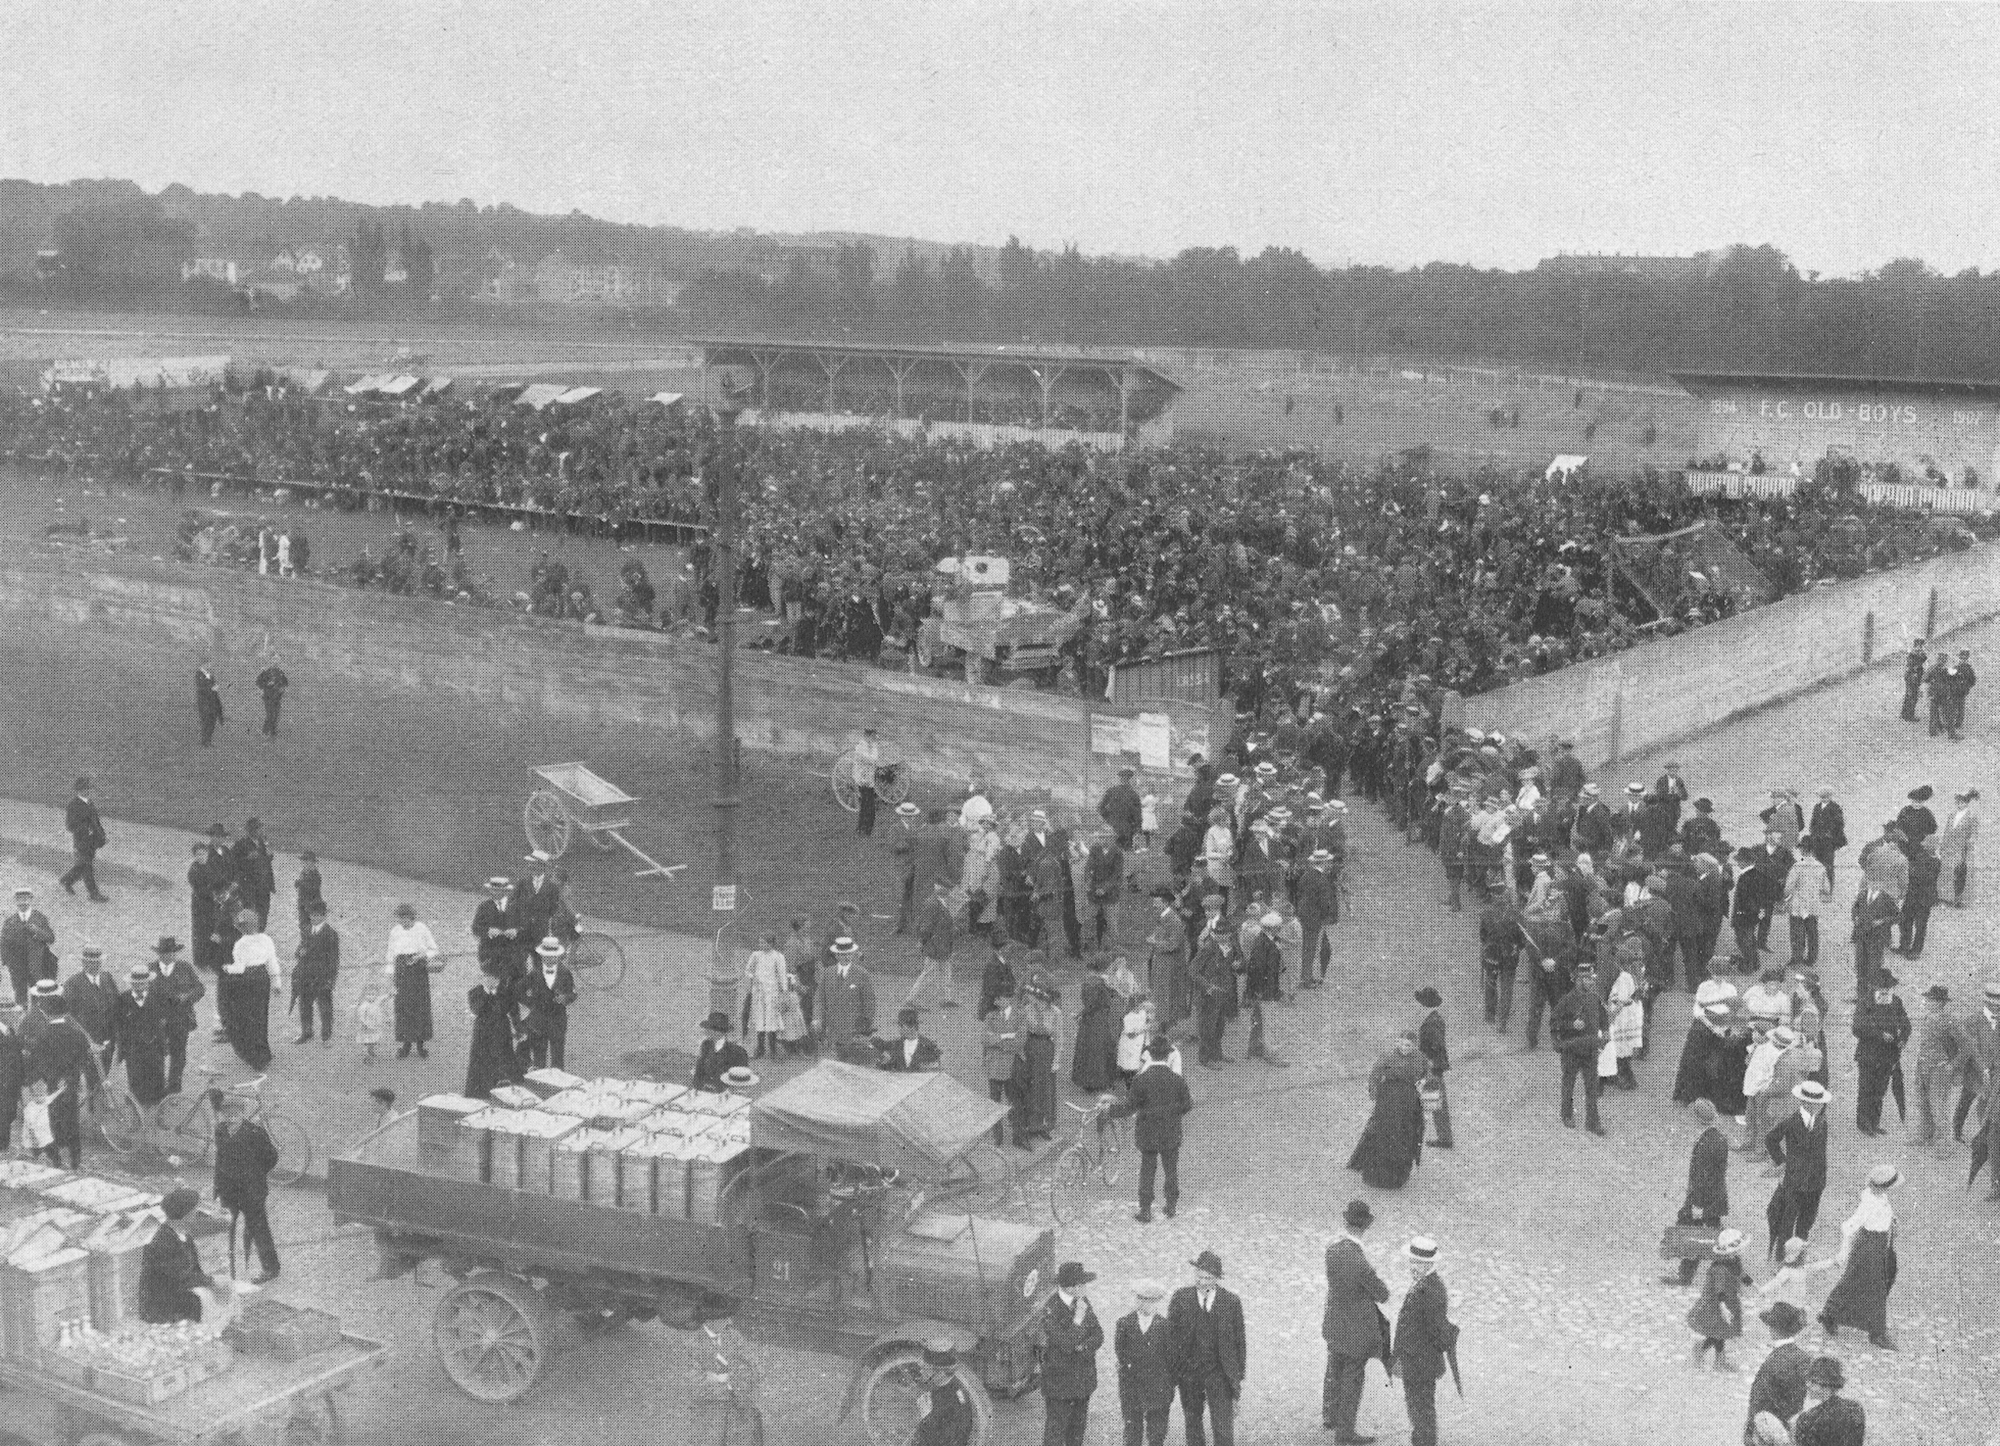 Viele der gegen Süden reisenden Italienern mussten mehrere Tage auf ihren Weitertransport warten, die Regierung richtete auf provisorische Unterkünfte und Suppenküchen ein. Hier auf der Margarethenwiese.